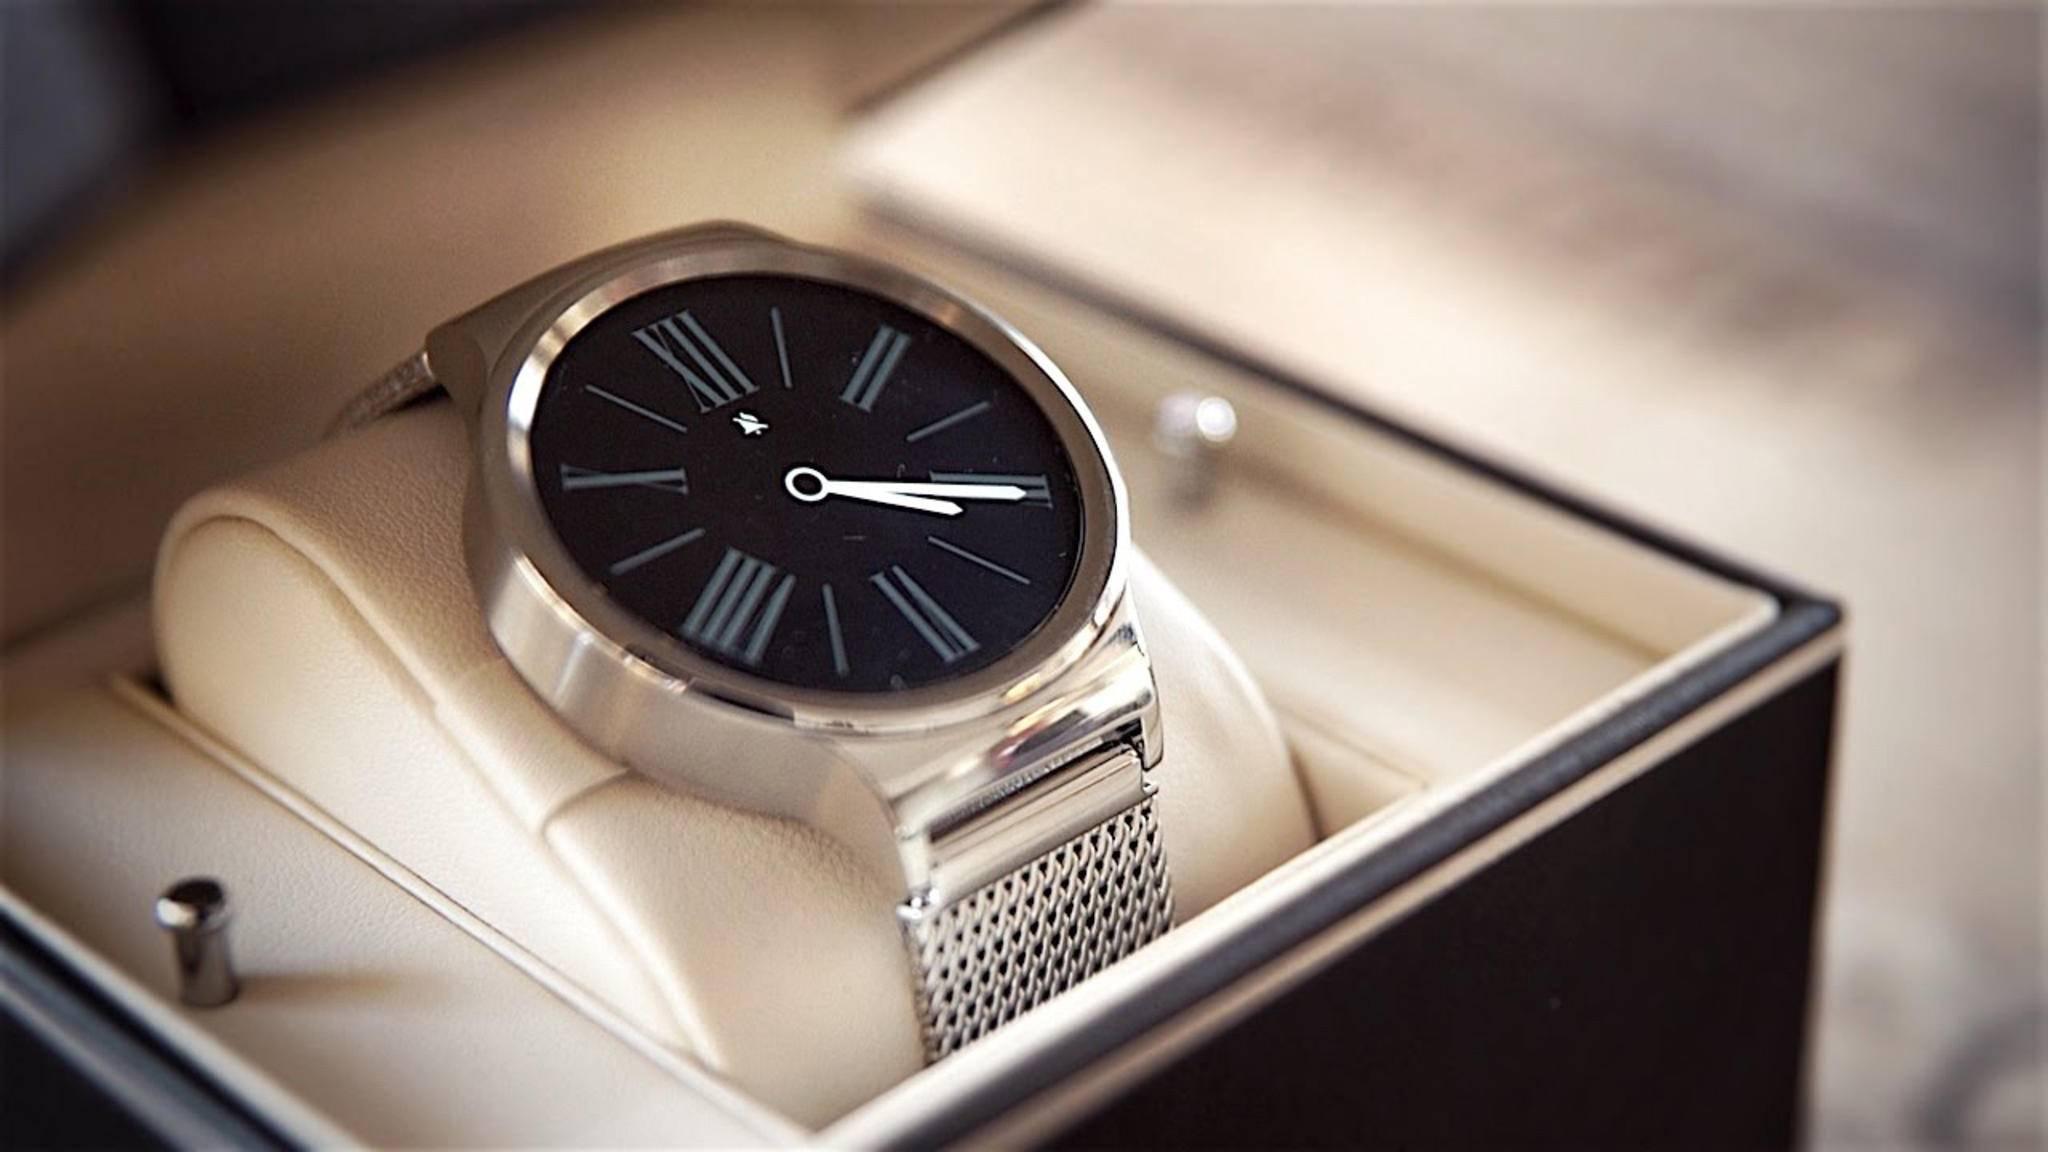 Die Huawei Watch soll bald das Update auf Android Wear 2.0 erhalten.